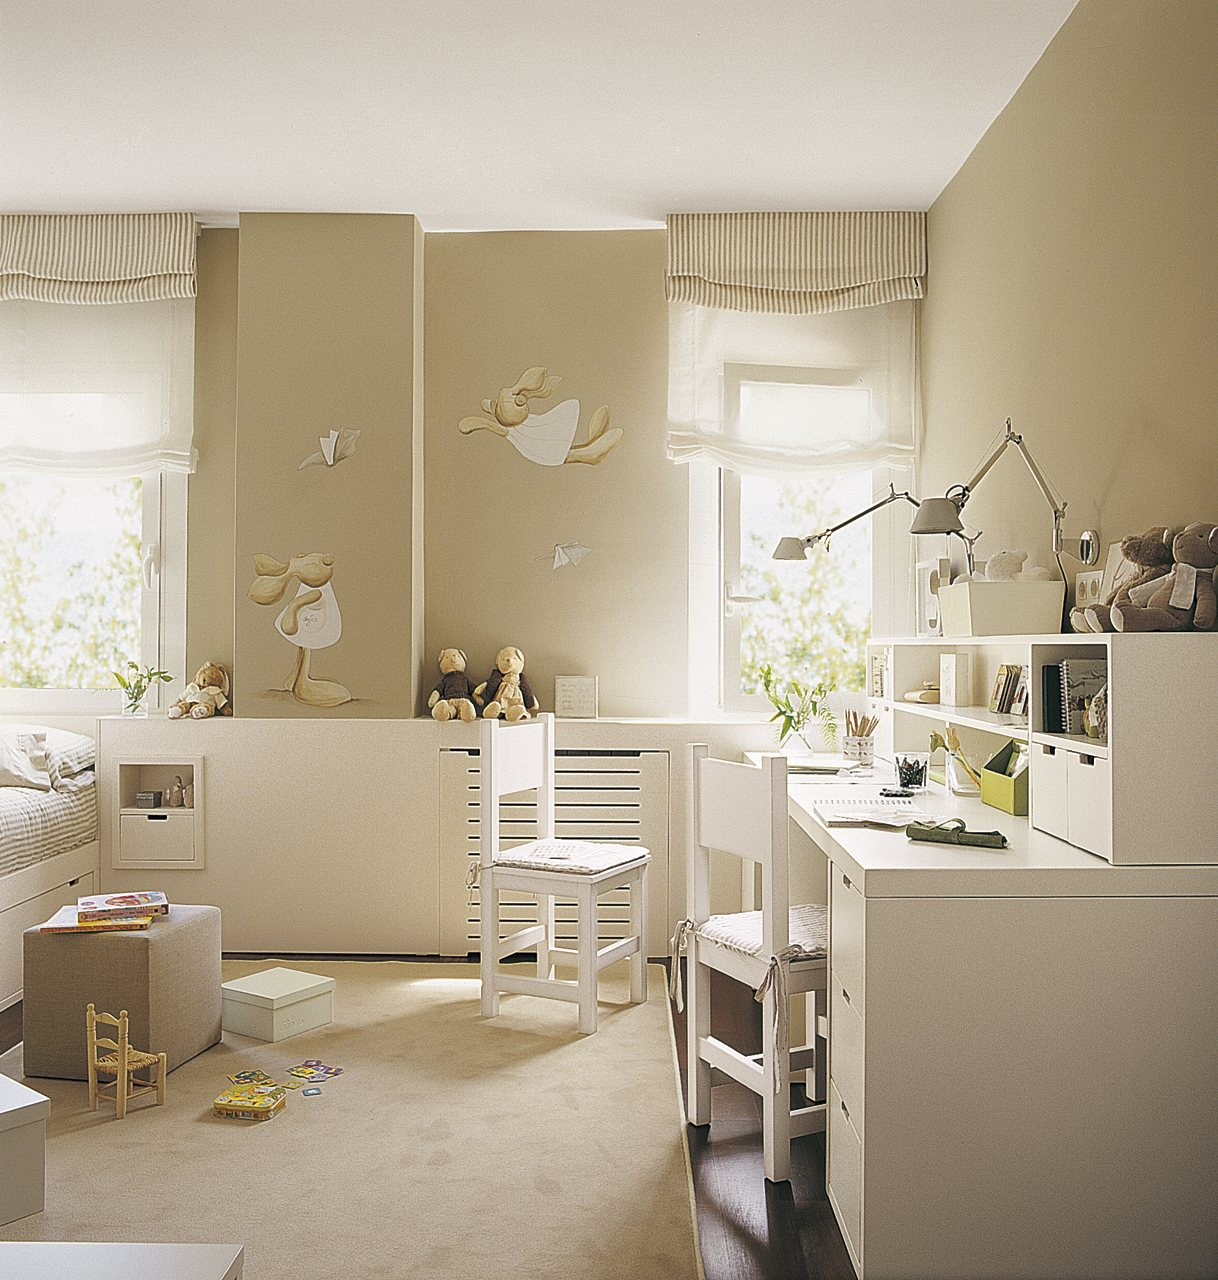 Cinco habitaciones de ni os solucionadas a medida - Habitacion para 2 ninos ...